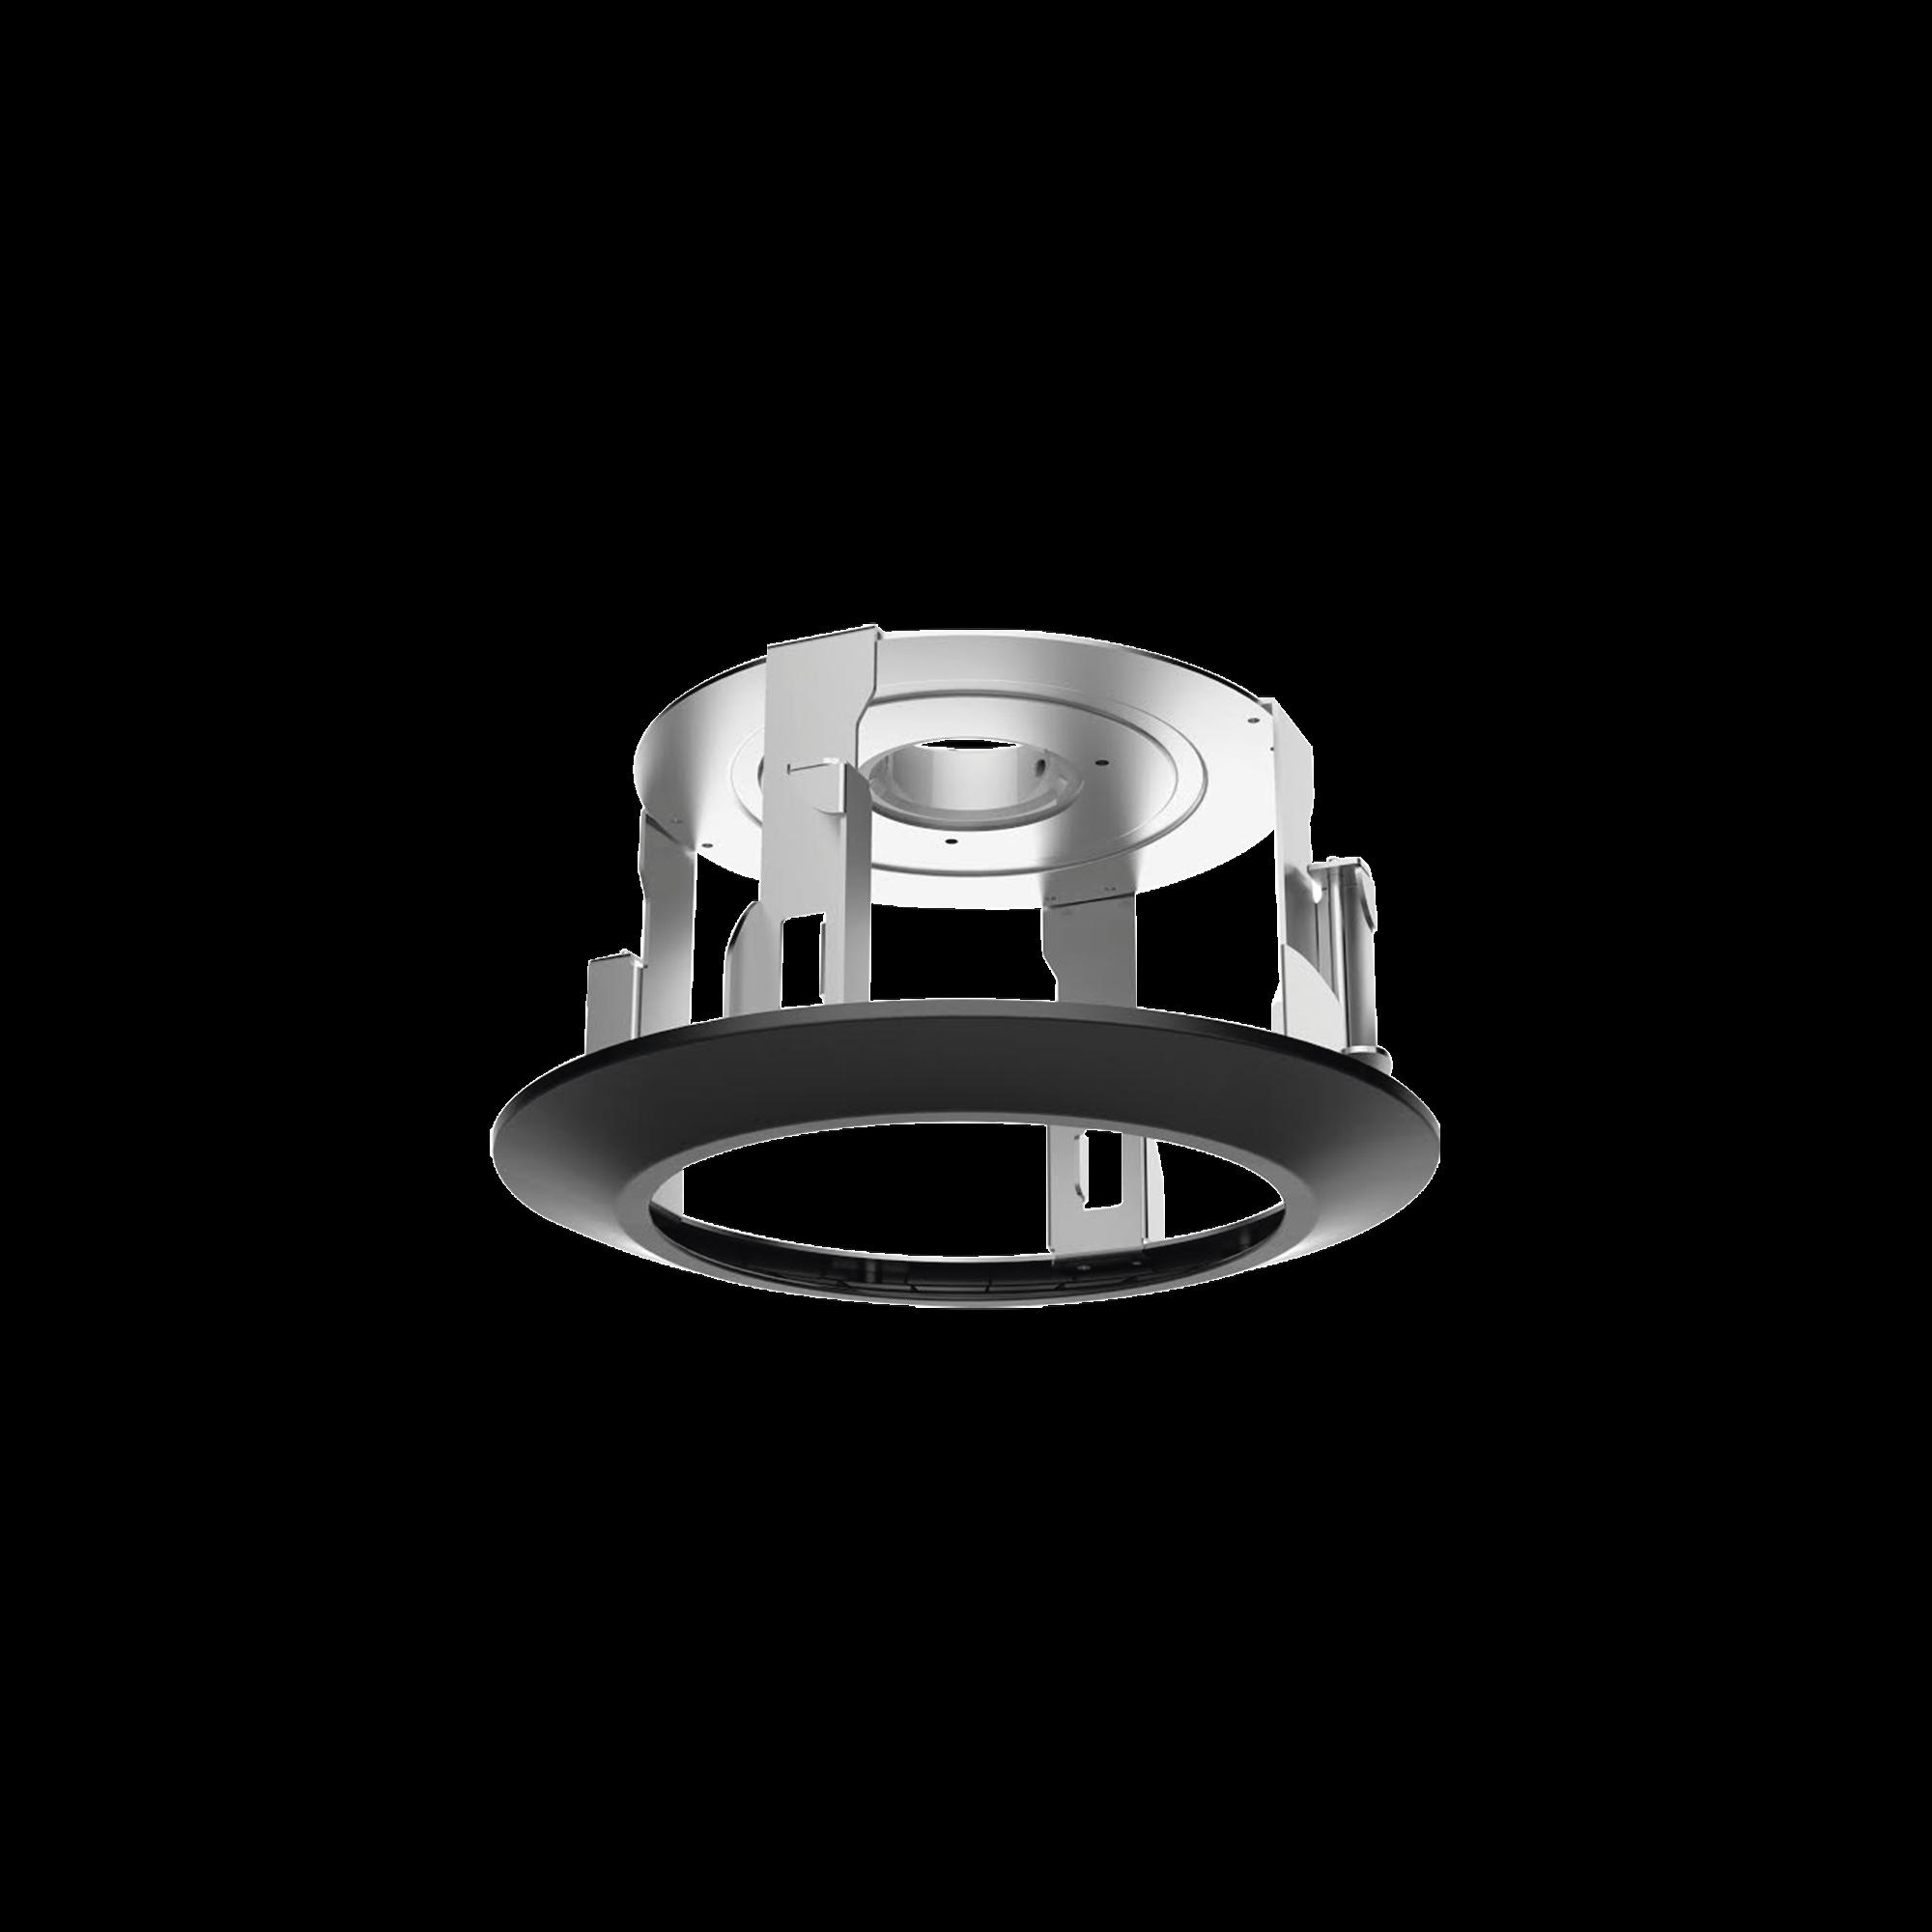 Montaje de Plafon para PTZ con IR / Compatible con todos los PTZ de 4 Pulgadas / epcom y HIKVISION